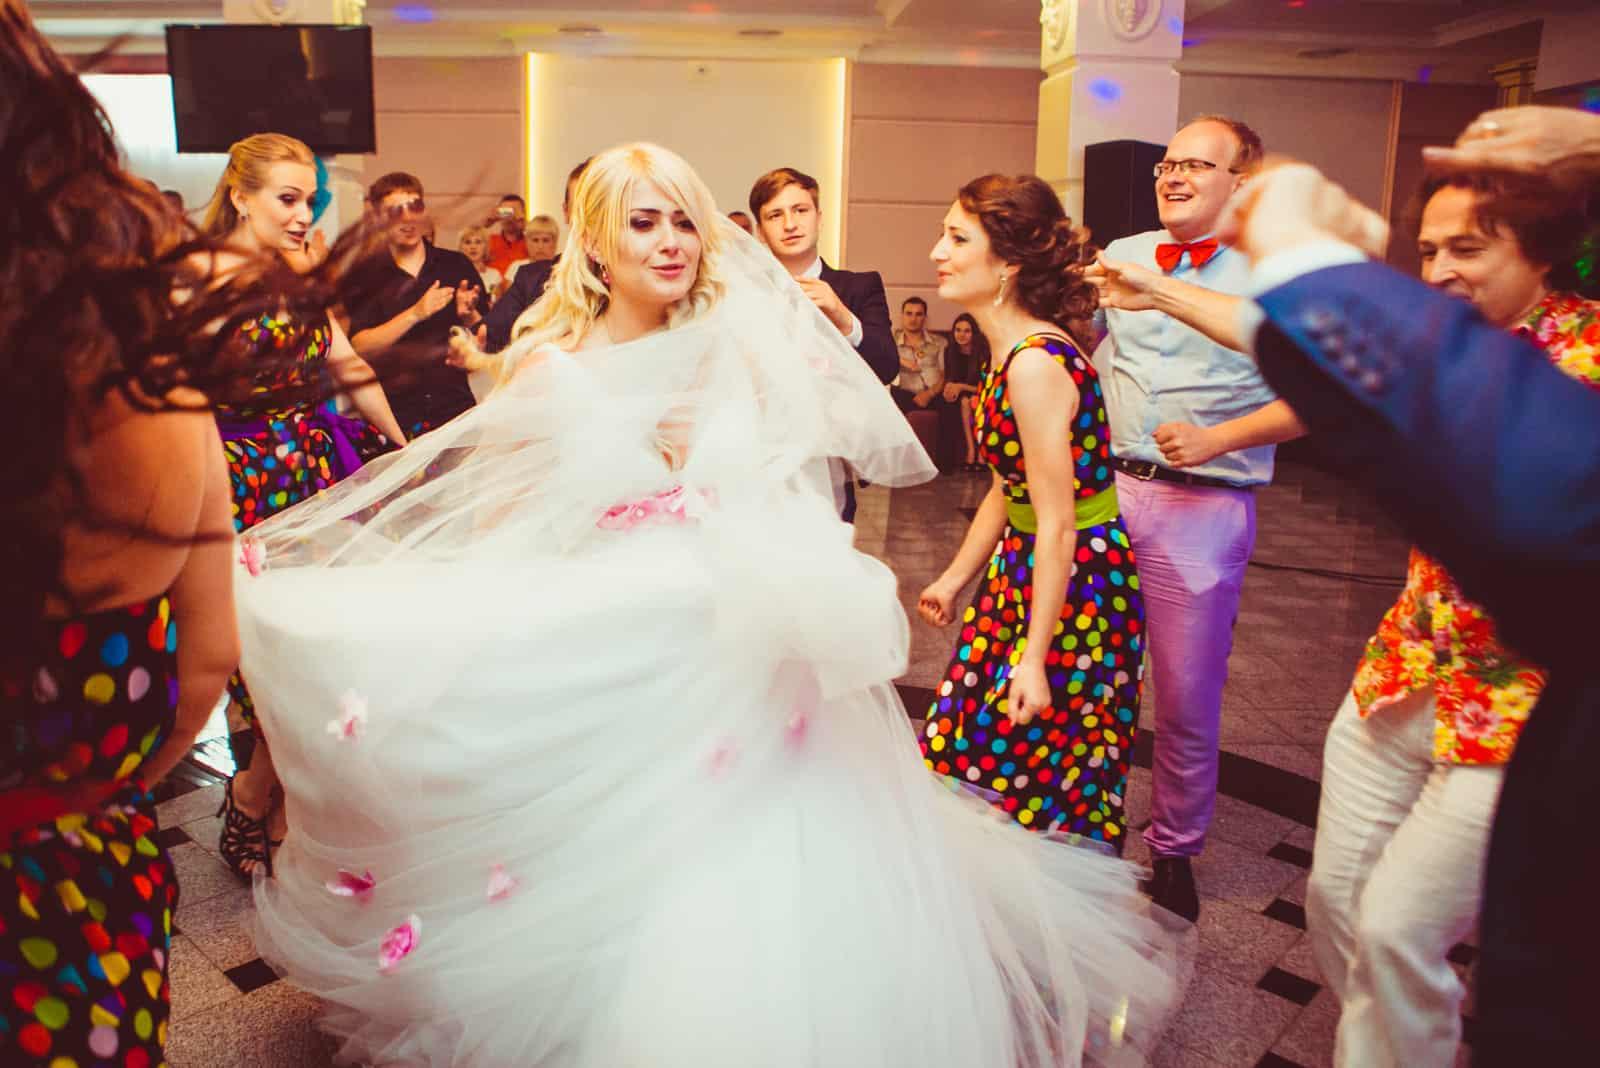 Prächtige Brautwirbel, umgeben von Freunden